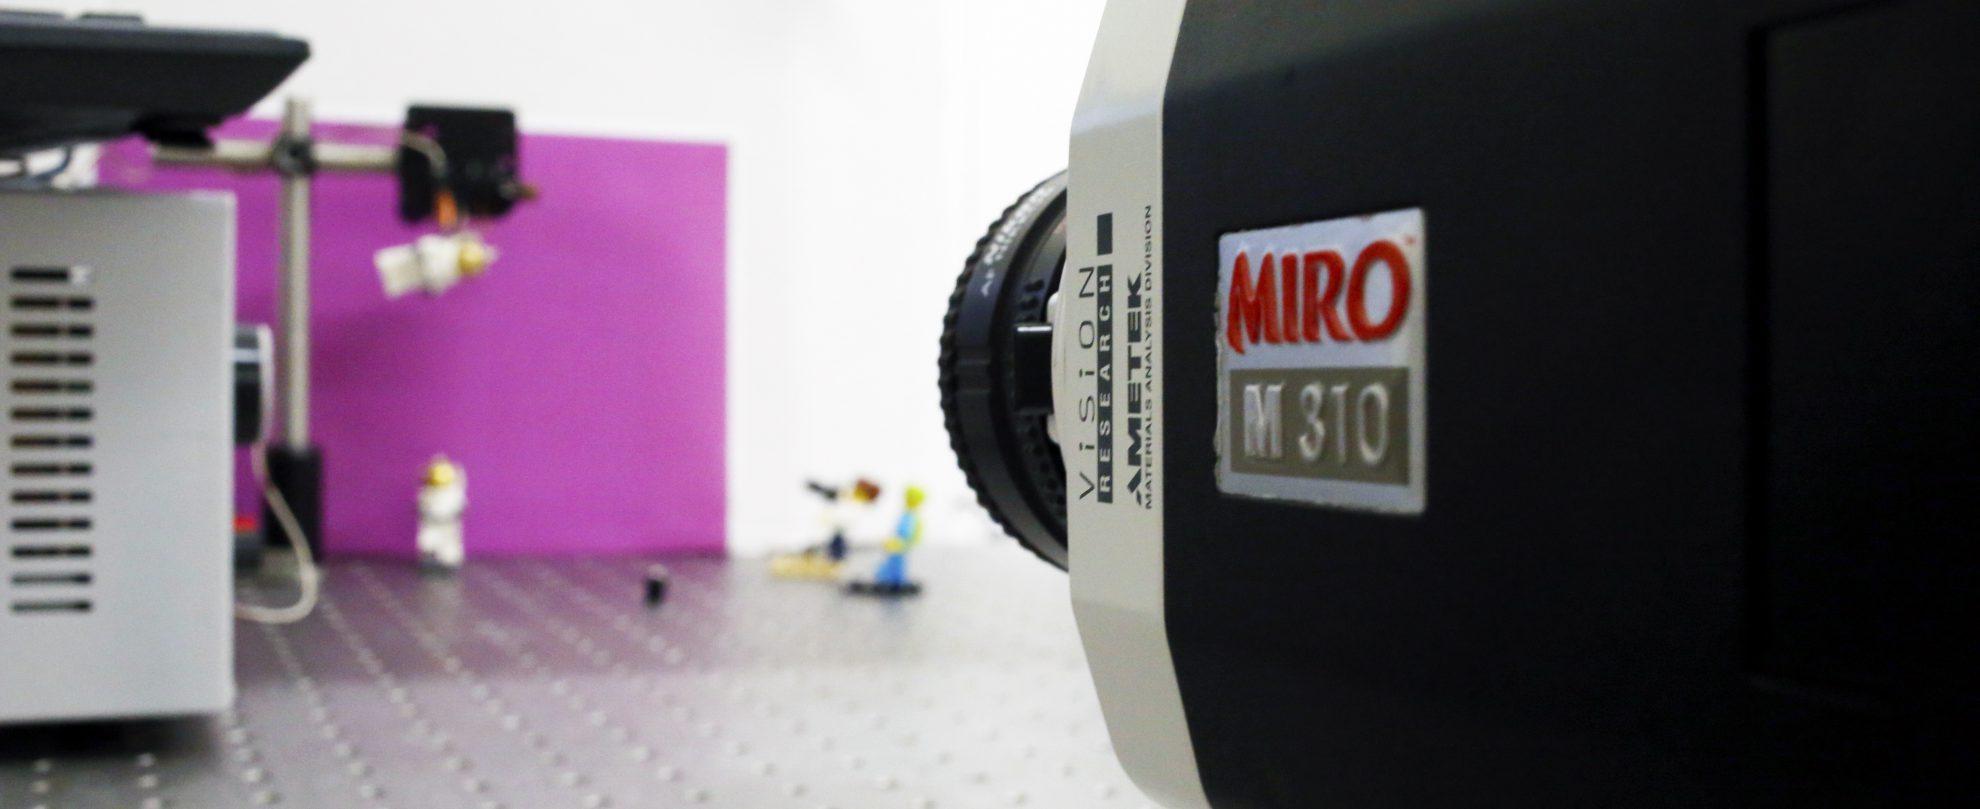 2 Highspeed camera phantom miro